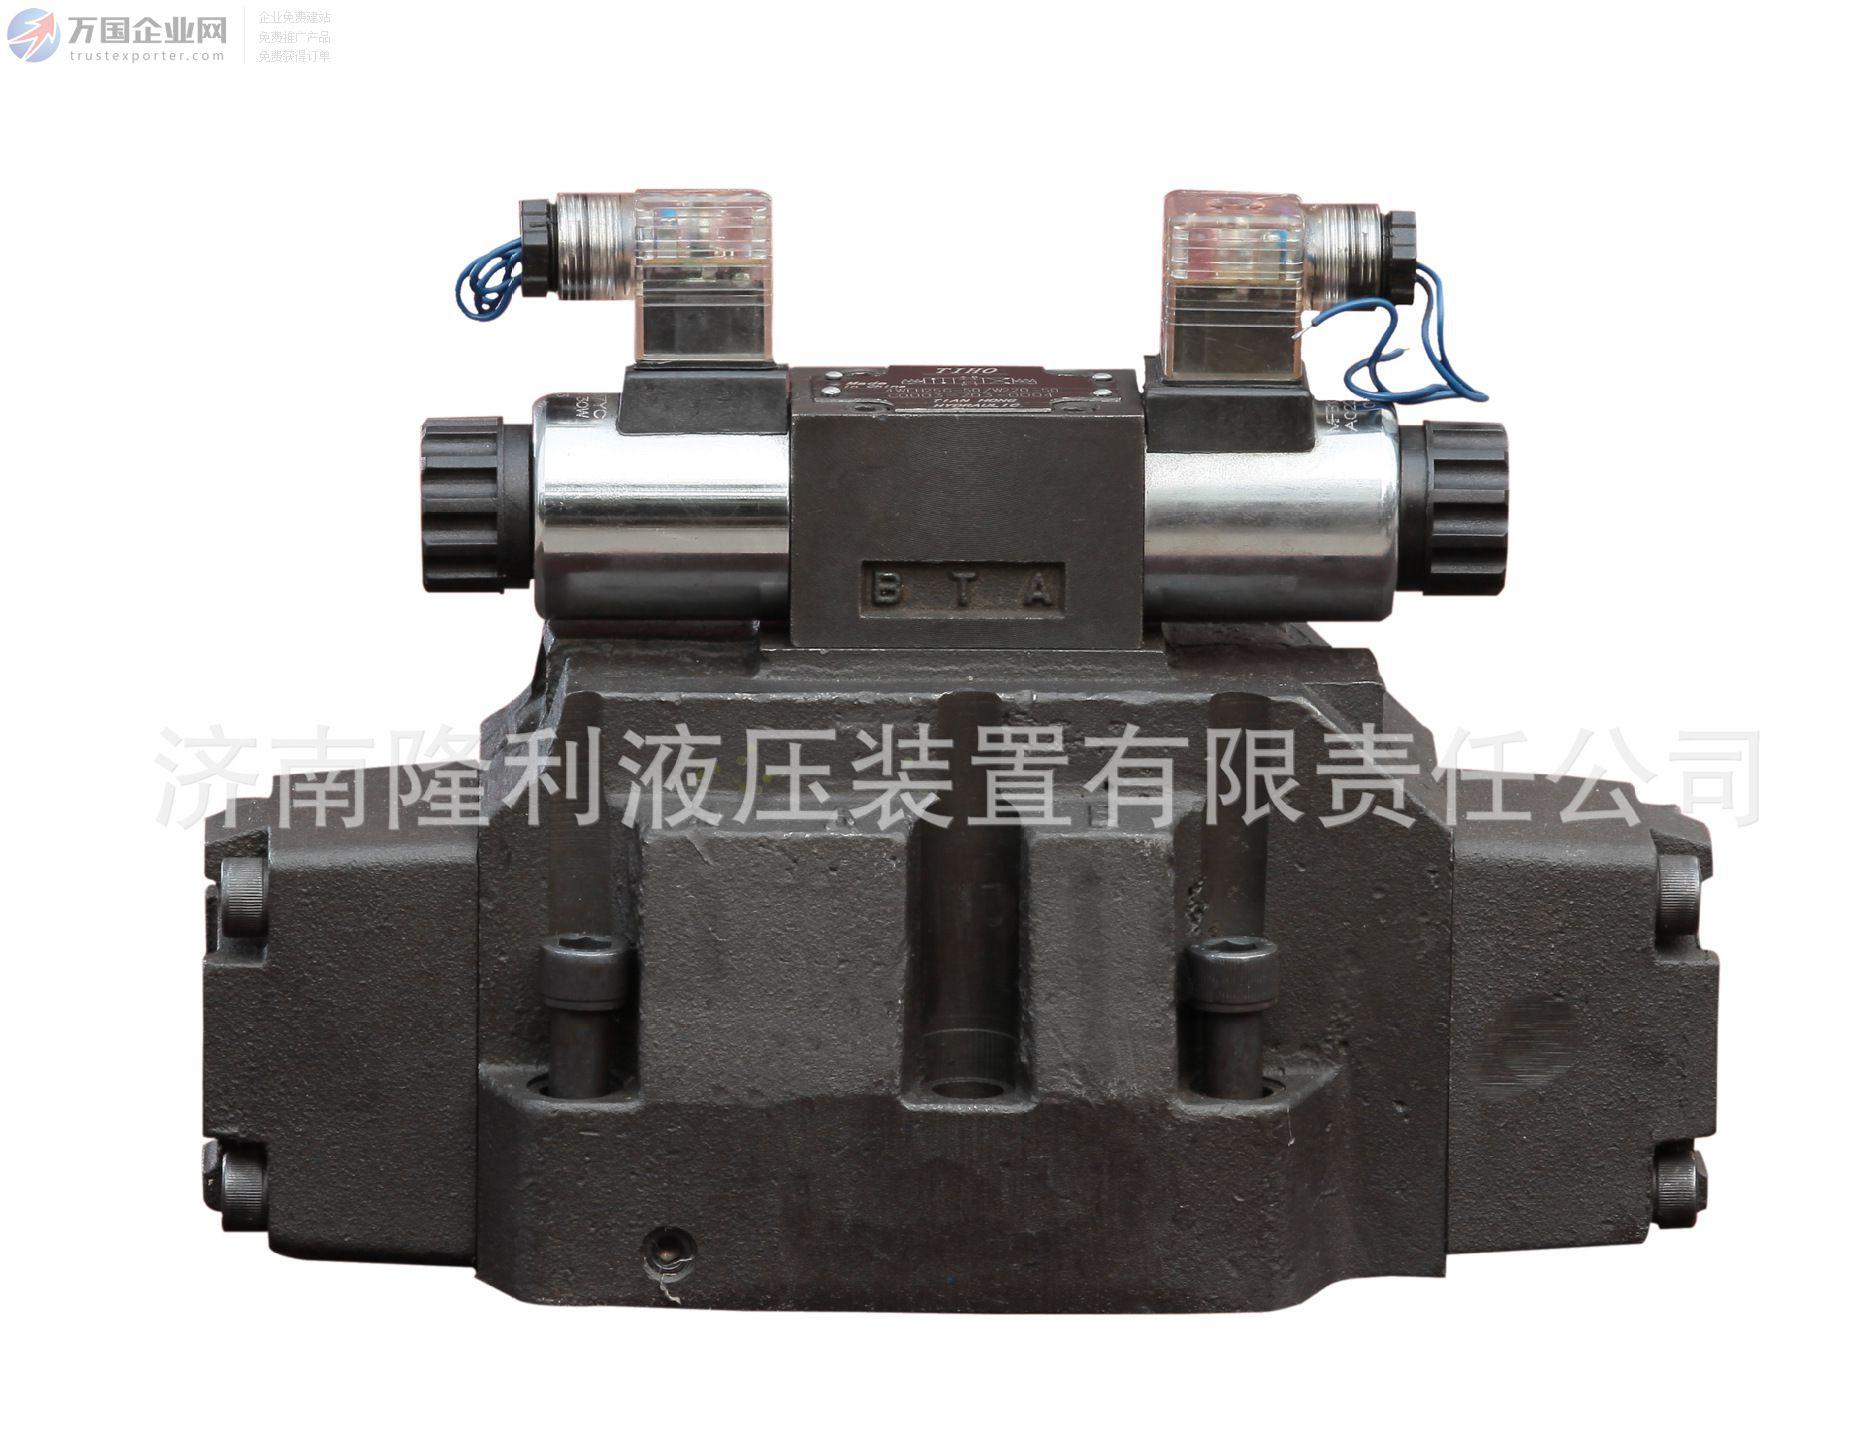 力士乐型电液动换向阀4WEH25(E 方向阀 机械类 板式连接